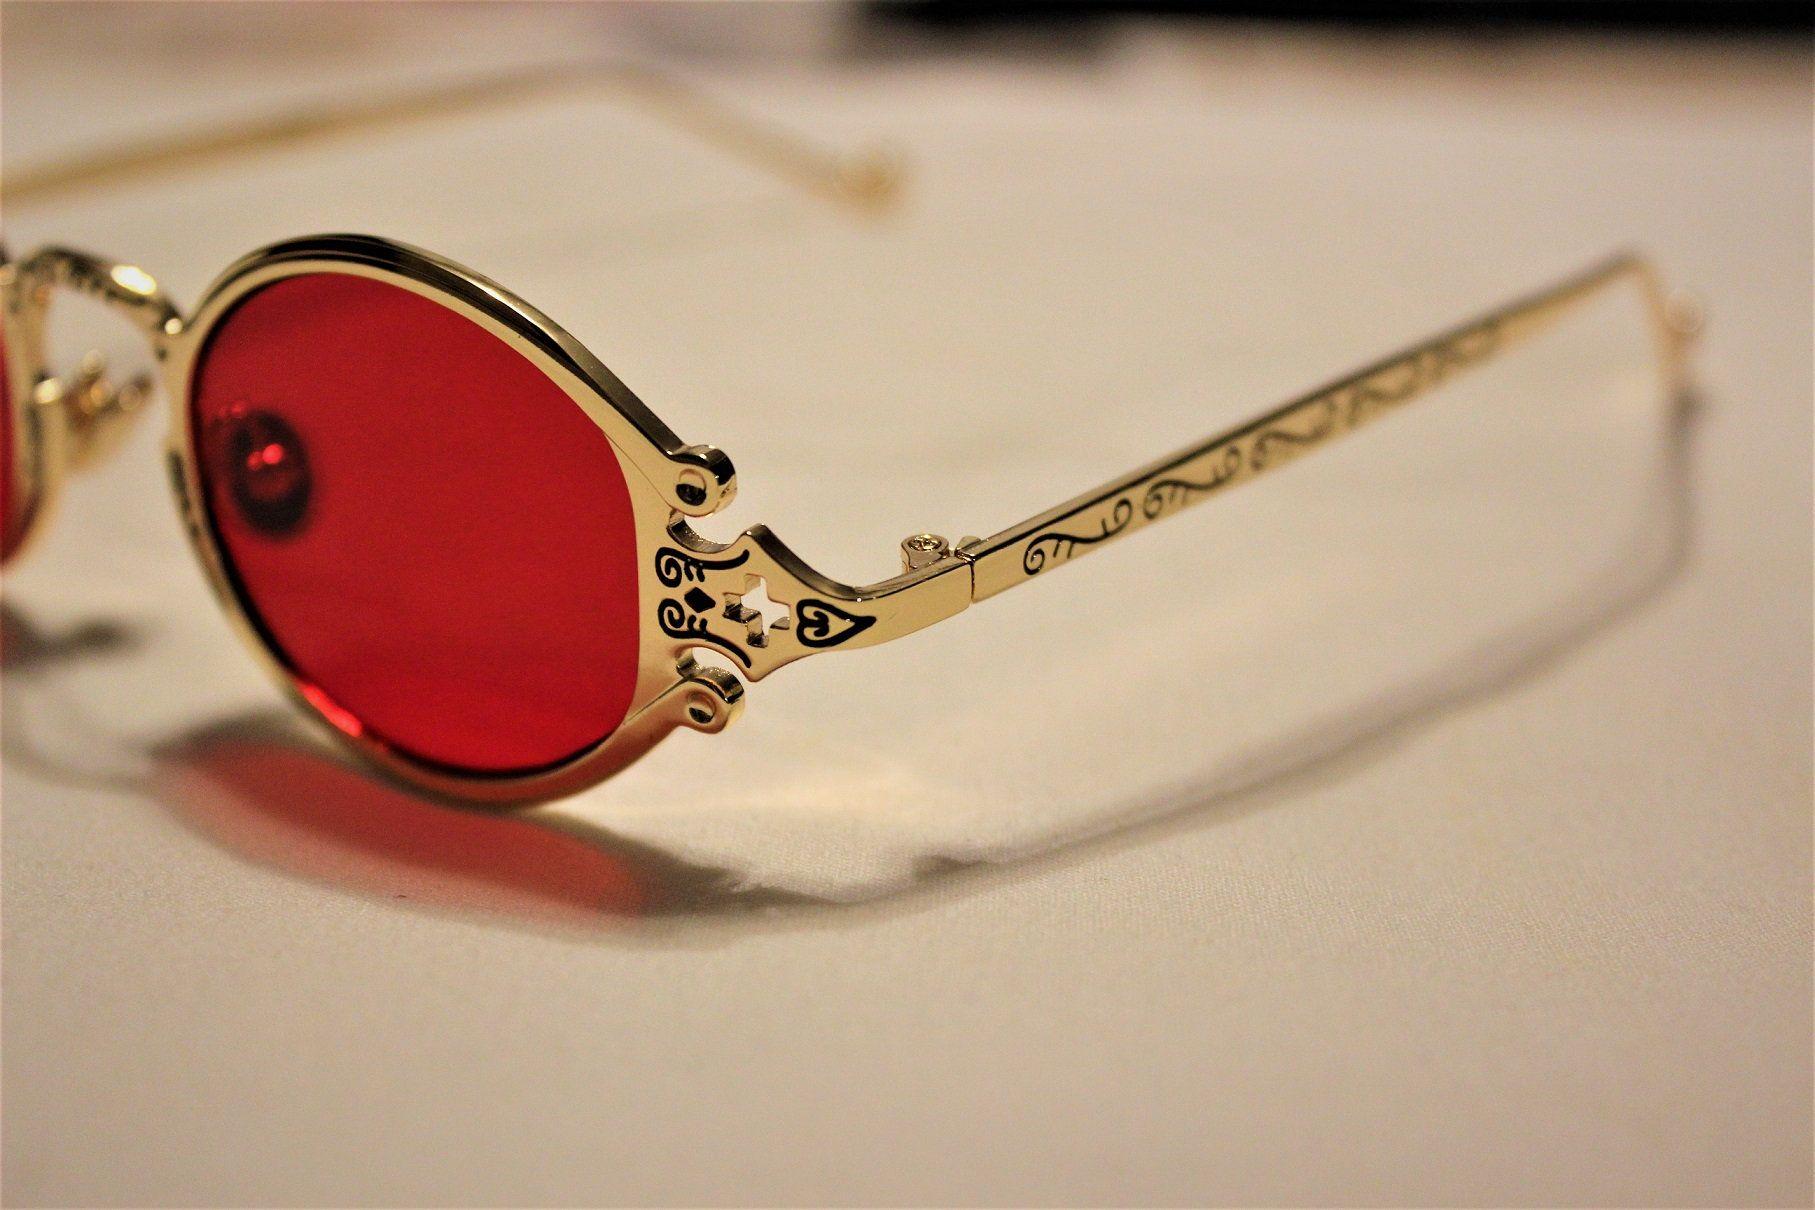 Sunglasses similar Jean Paul Gaultier Sonnenbrille Vintage | Etsy